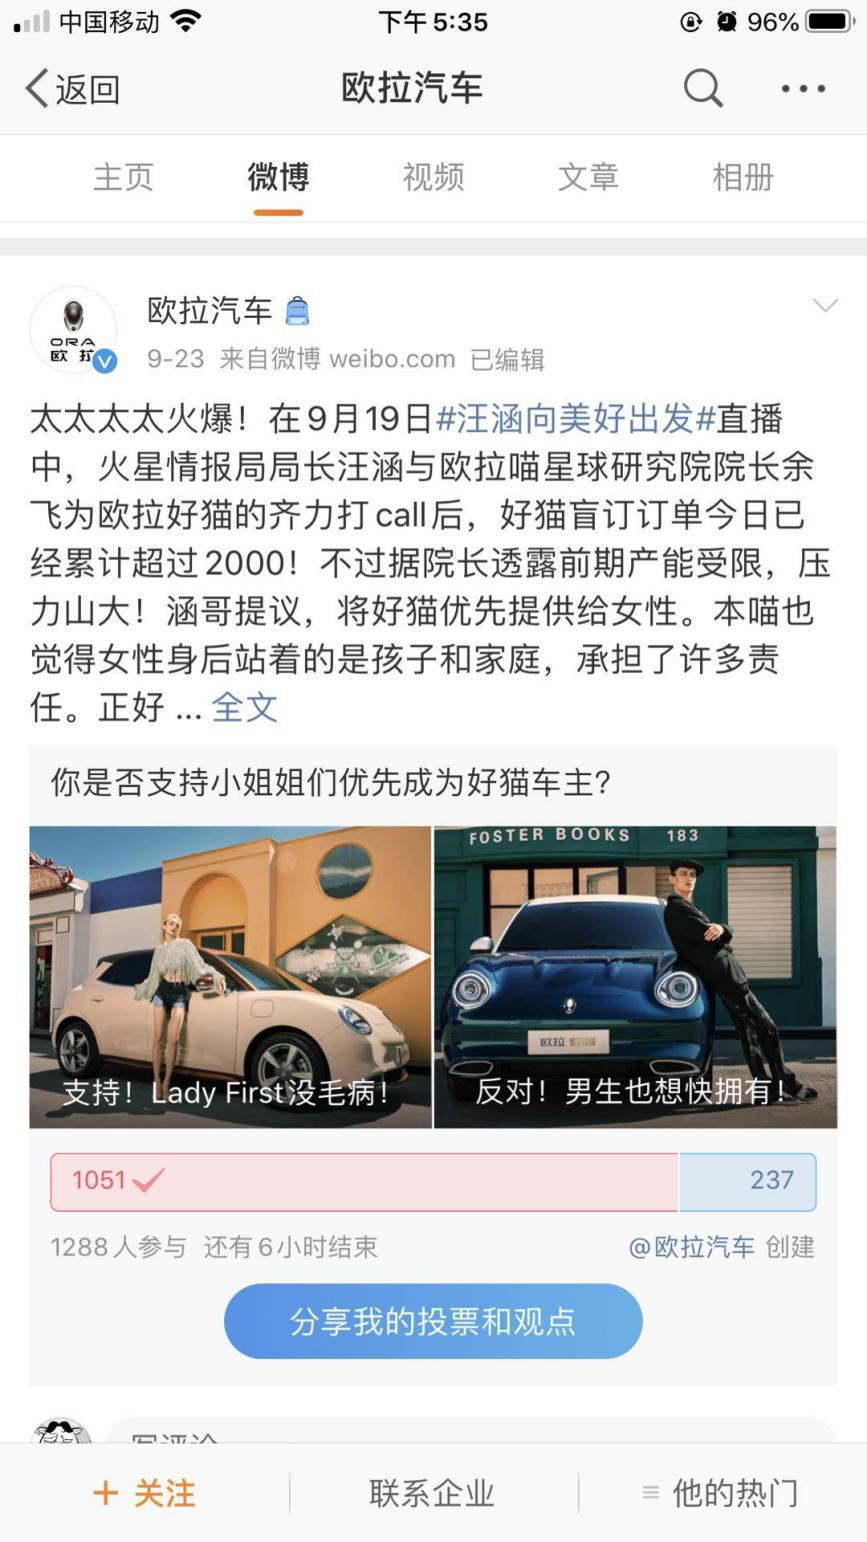 欧拉官宣520只好猫优先女士领养,海涛竟然开杠抢车